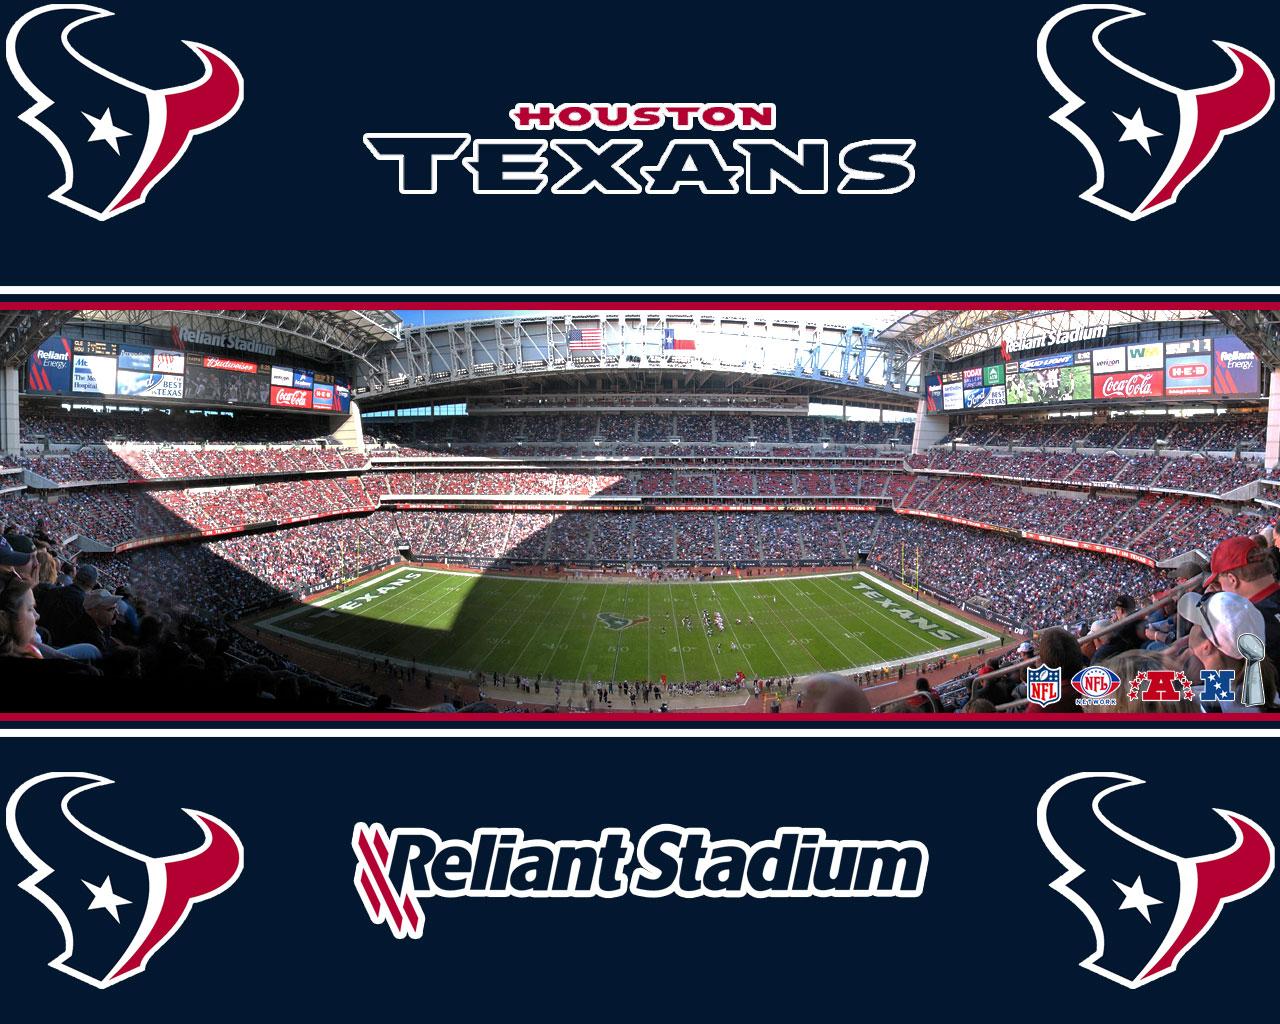 http://4.bp.blogspot.com/_SPY5-z18DBU/TTdihKrSVpI/AAAAAAAAAbQ/znGm-zJFyn0/s1600/houston_texans_wallpaper_stadium_1280x1024.jpeg